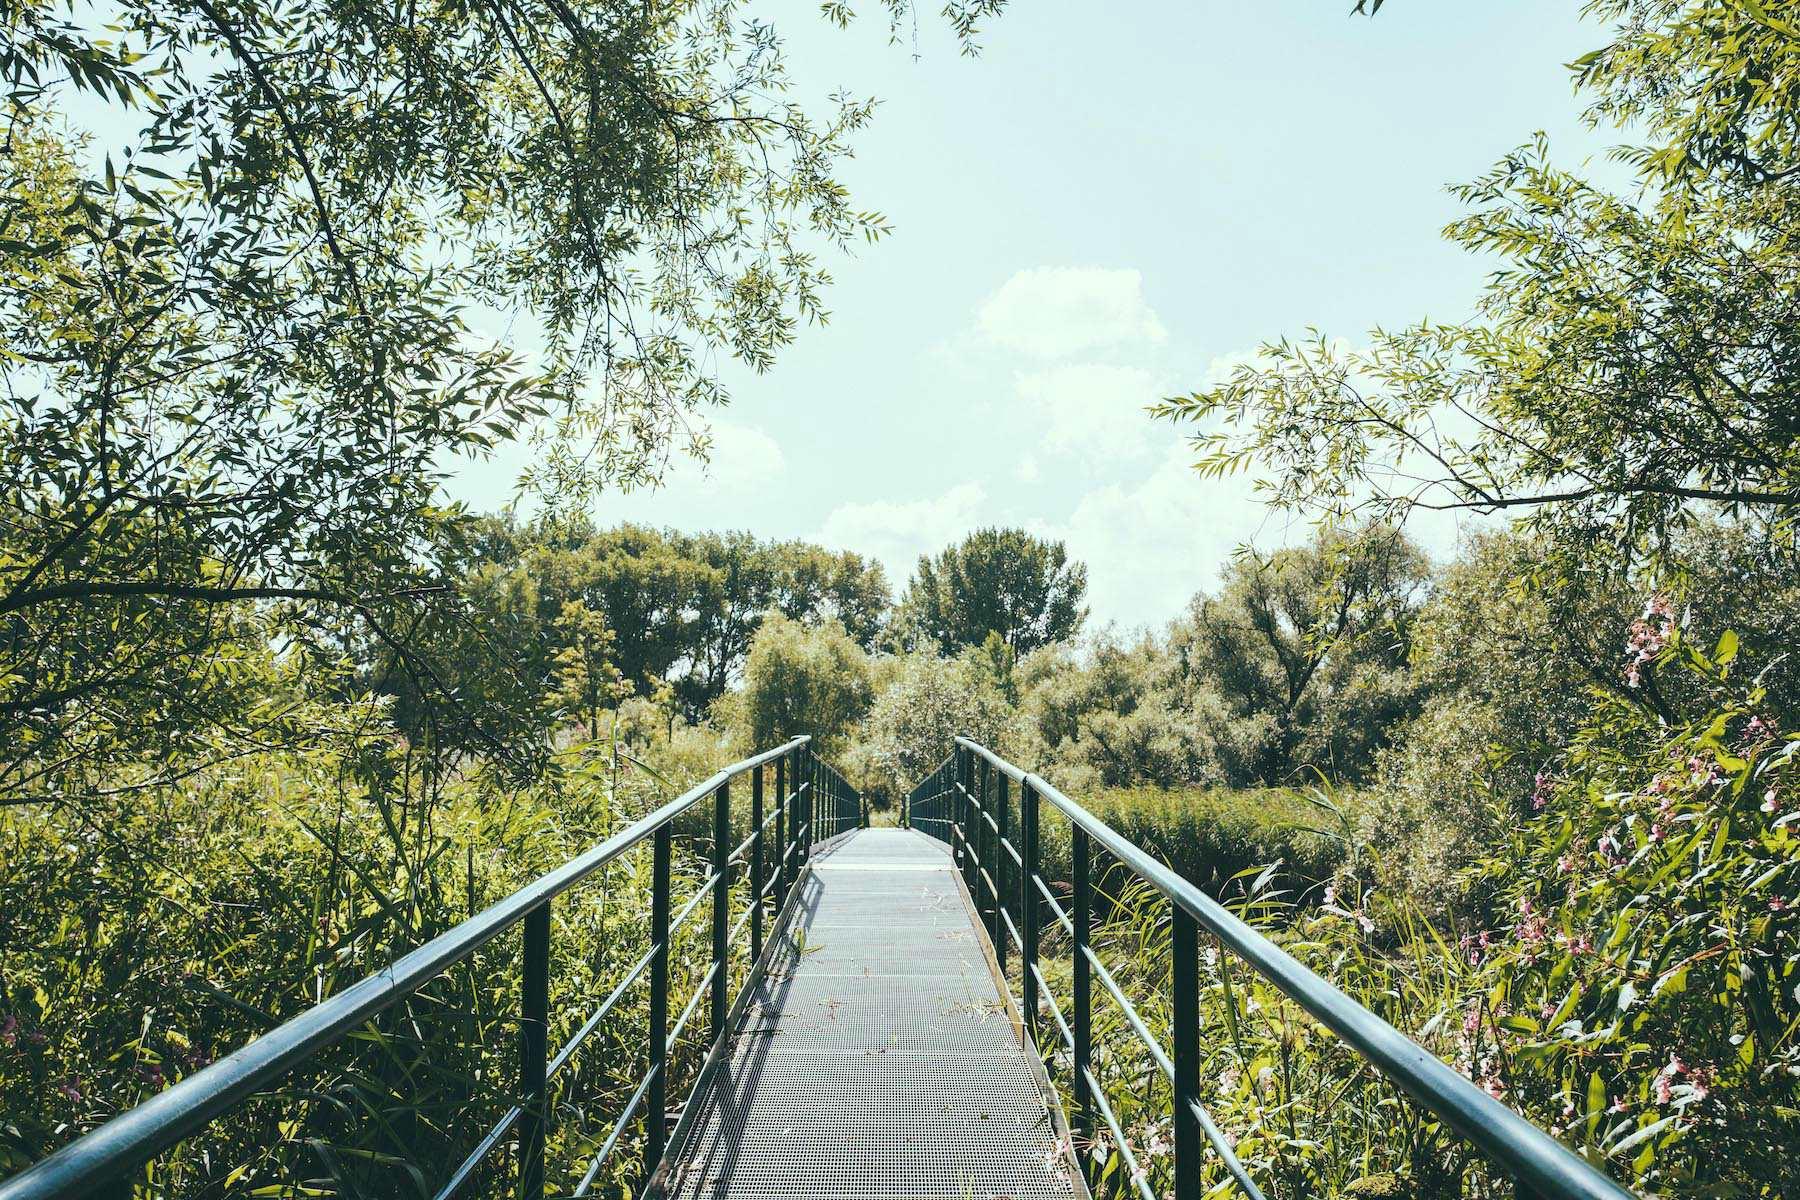 Die Brücke bietet einen mega Ausblick auf die Gewässer und Natur.